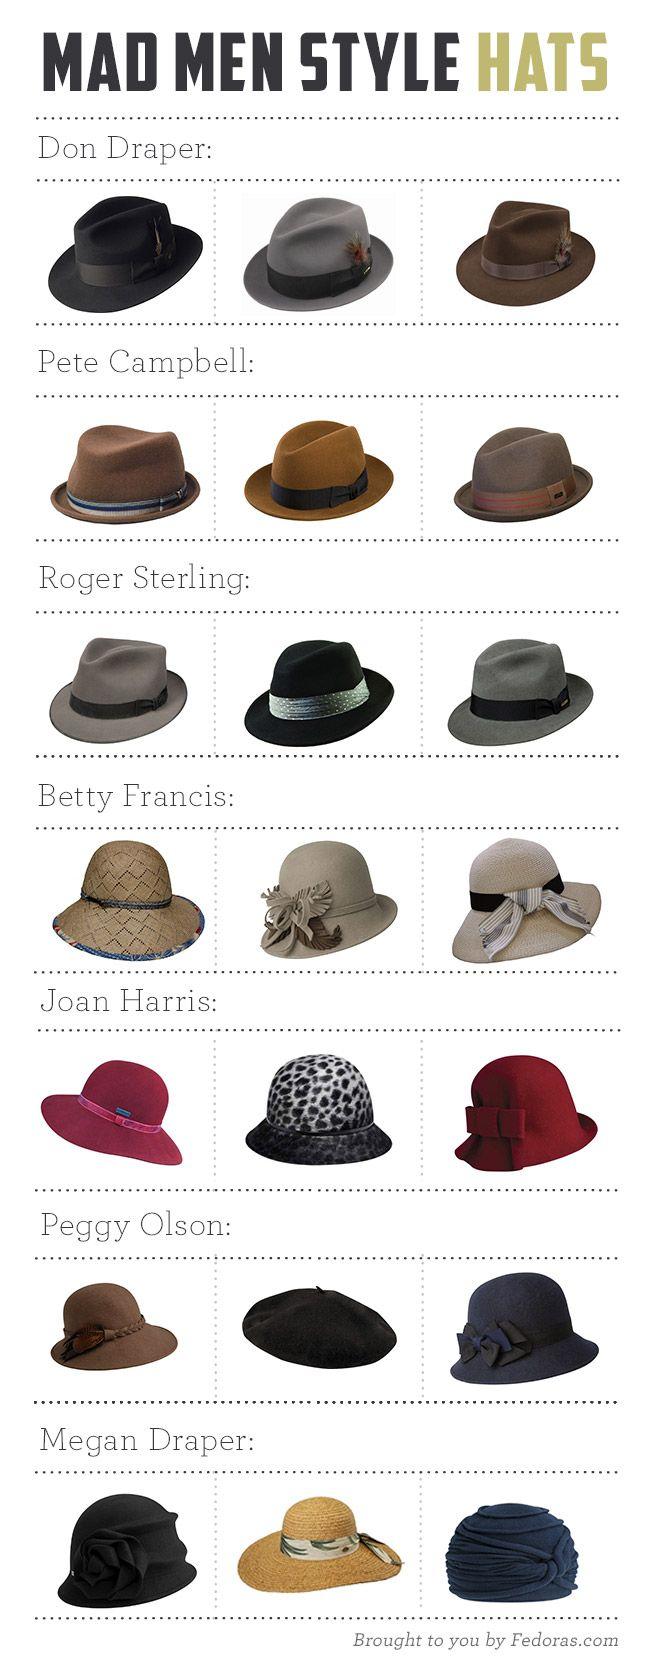 bff6d9b4d37 Mad Men Character Hats